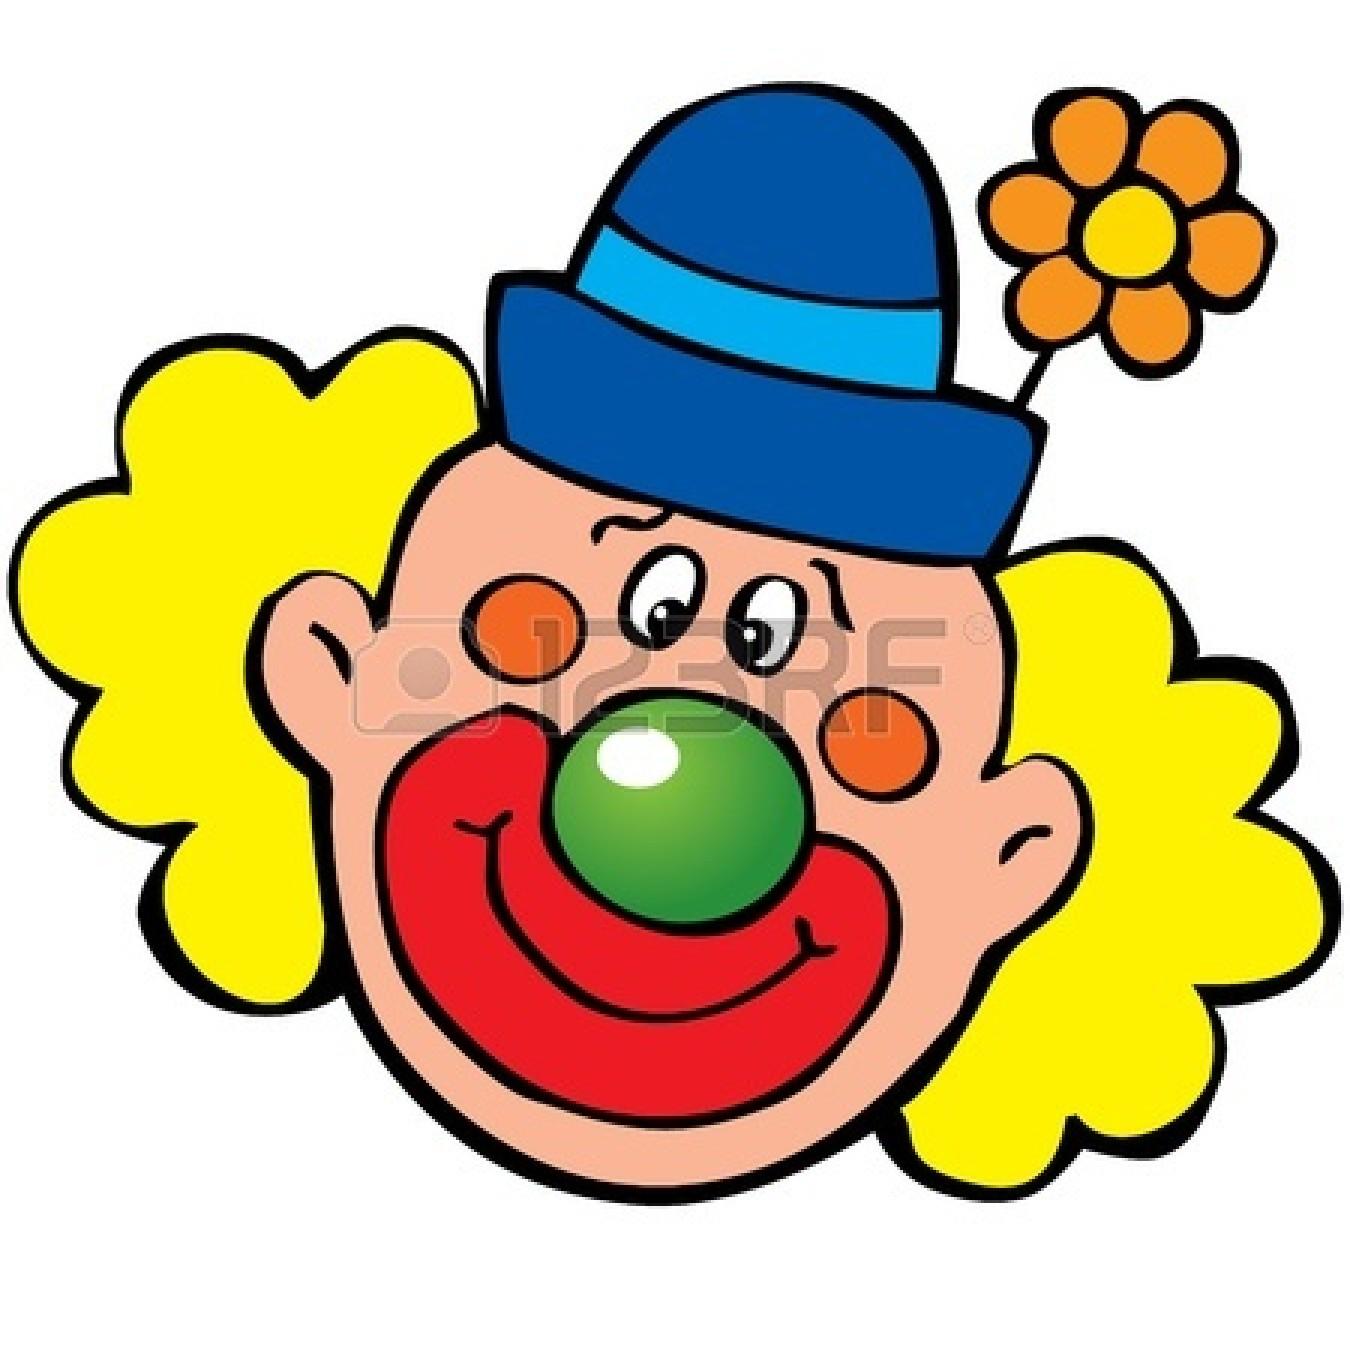 Clown Face Clip Art | clown-clip-art-15067566-happy-clown - Circus Joker Face PNG